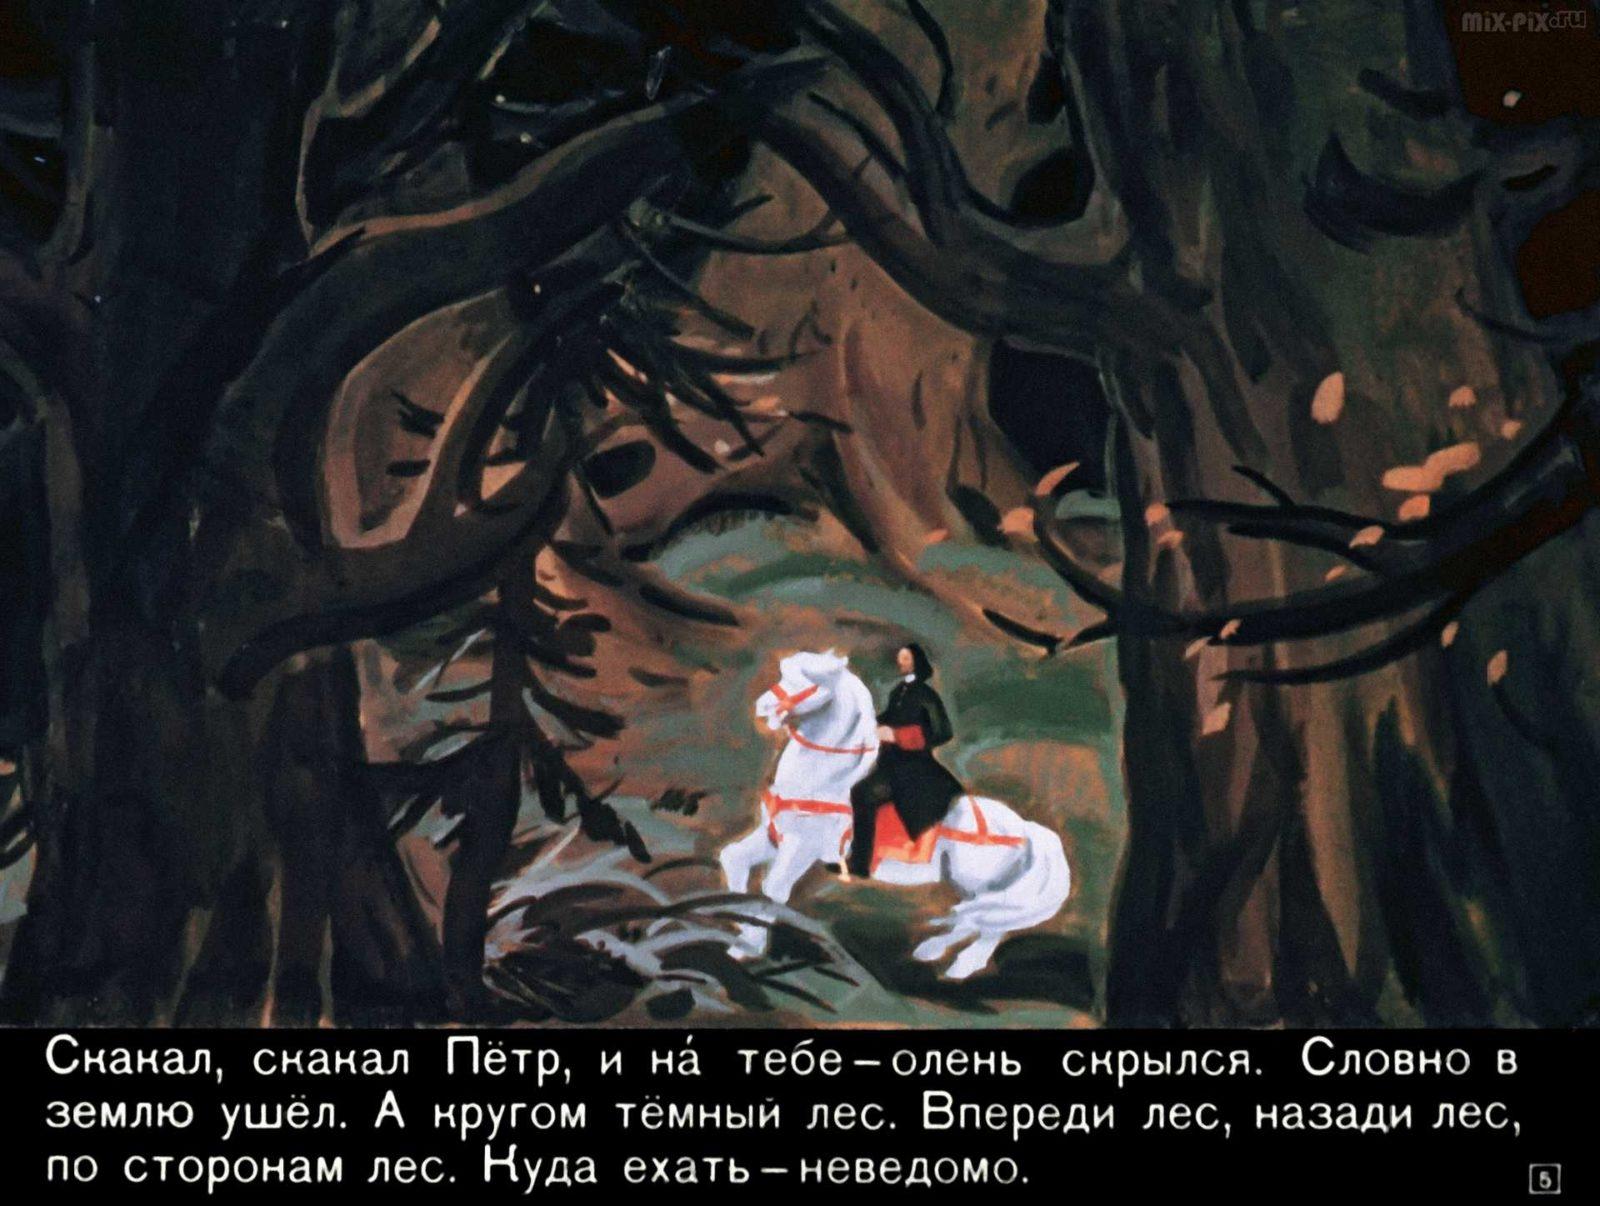 Сказка о бывалом солдате, царе и двенадцати разбойниках (1969) 25